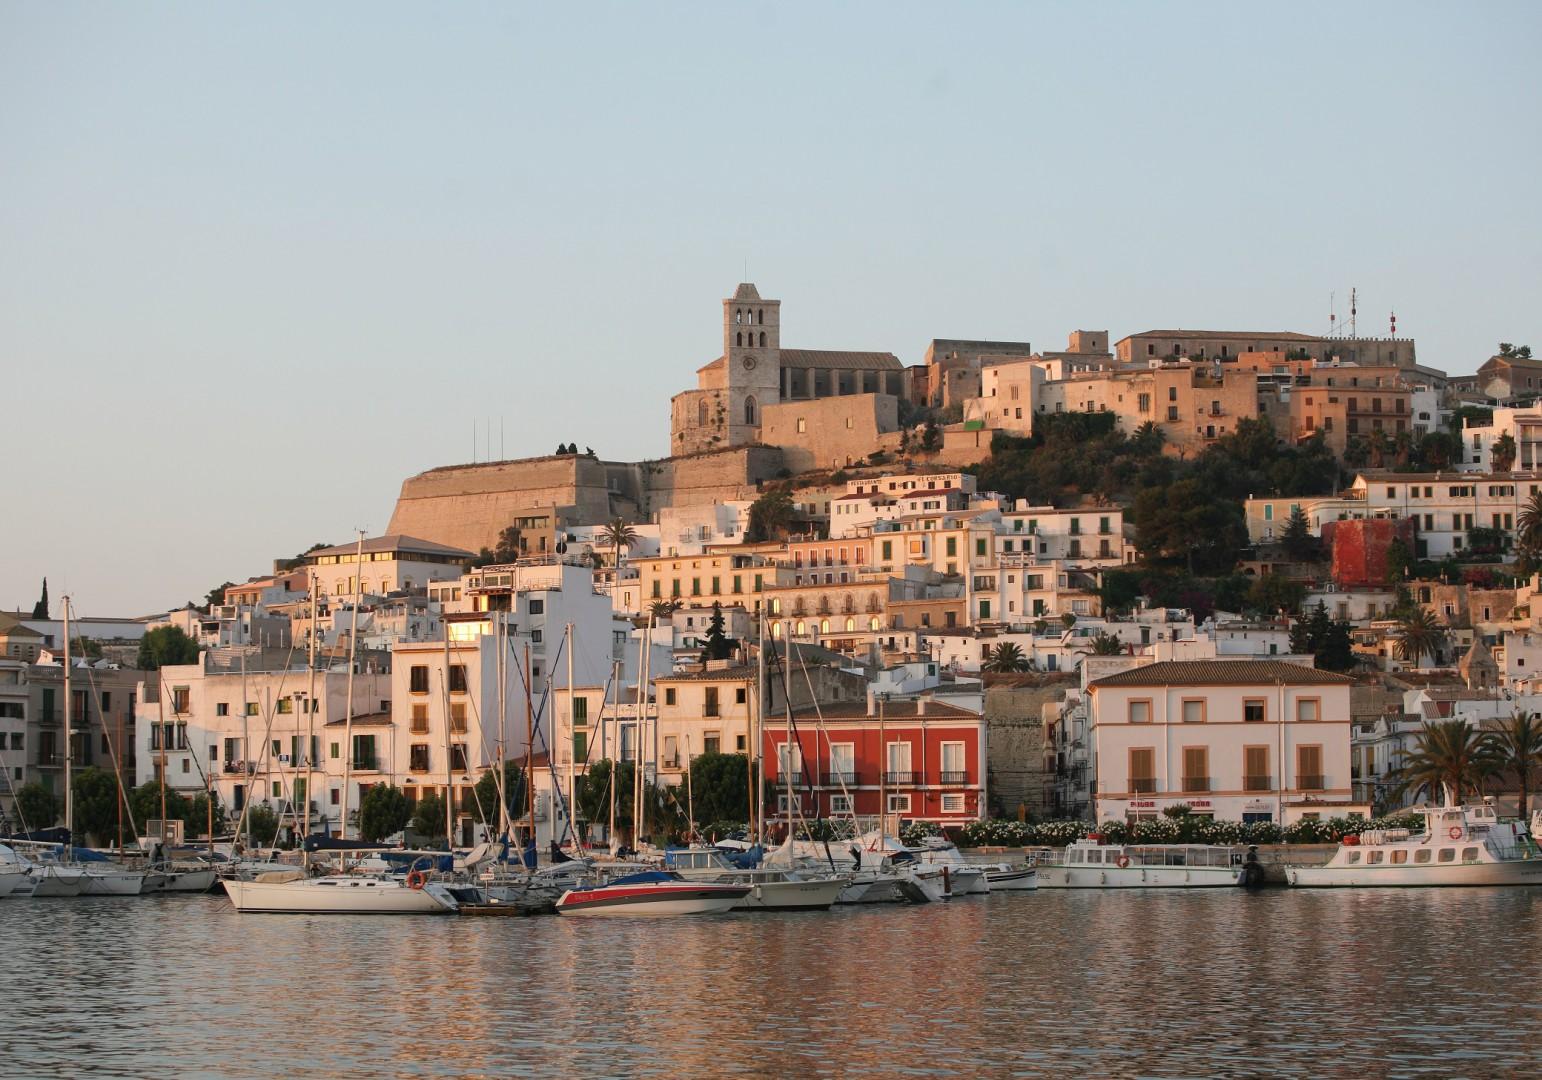 viaje con amigos Vista de Dalt Vila, el casco histórico de Ibiza.